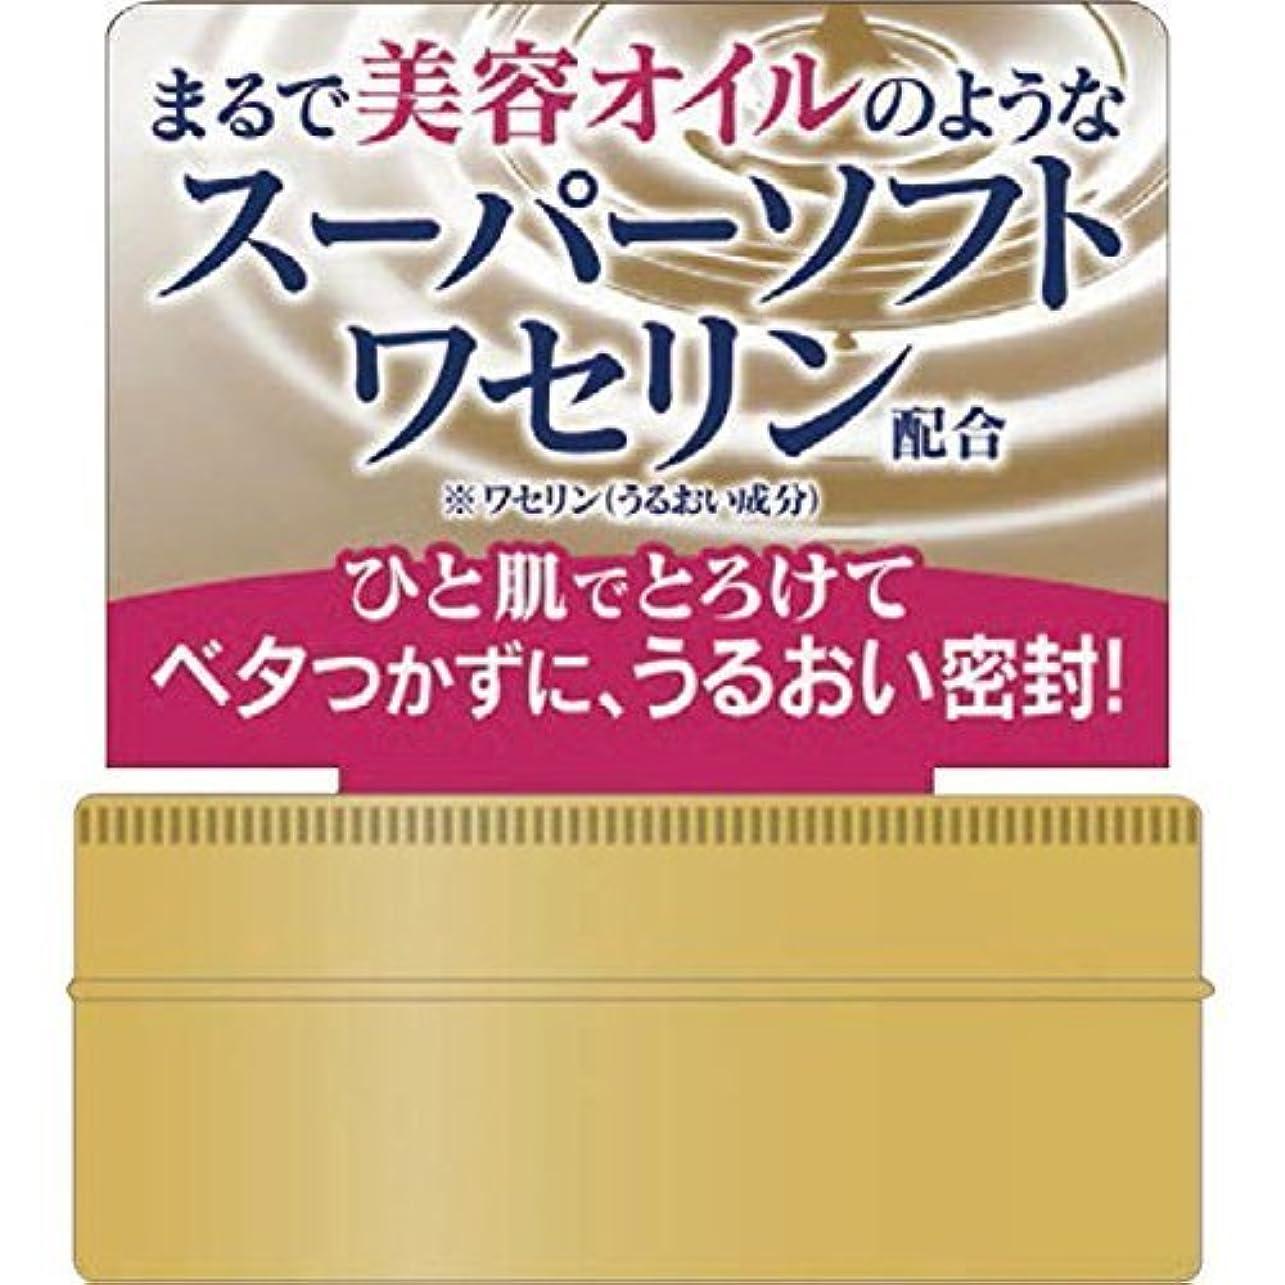 回復称賛梨肌研(ハダラボ) 極潤プレミアム ヒアルロンオイルジェリー × 24個セット